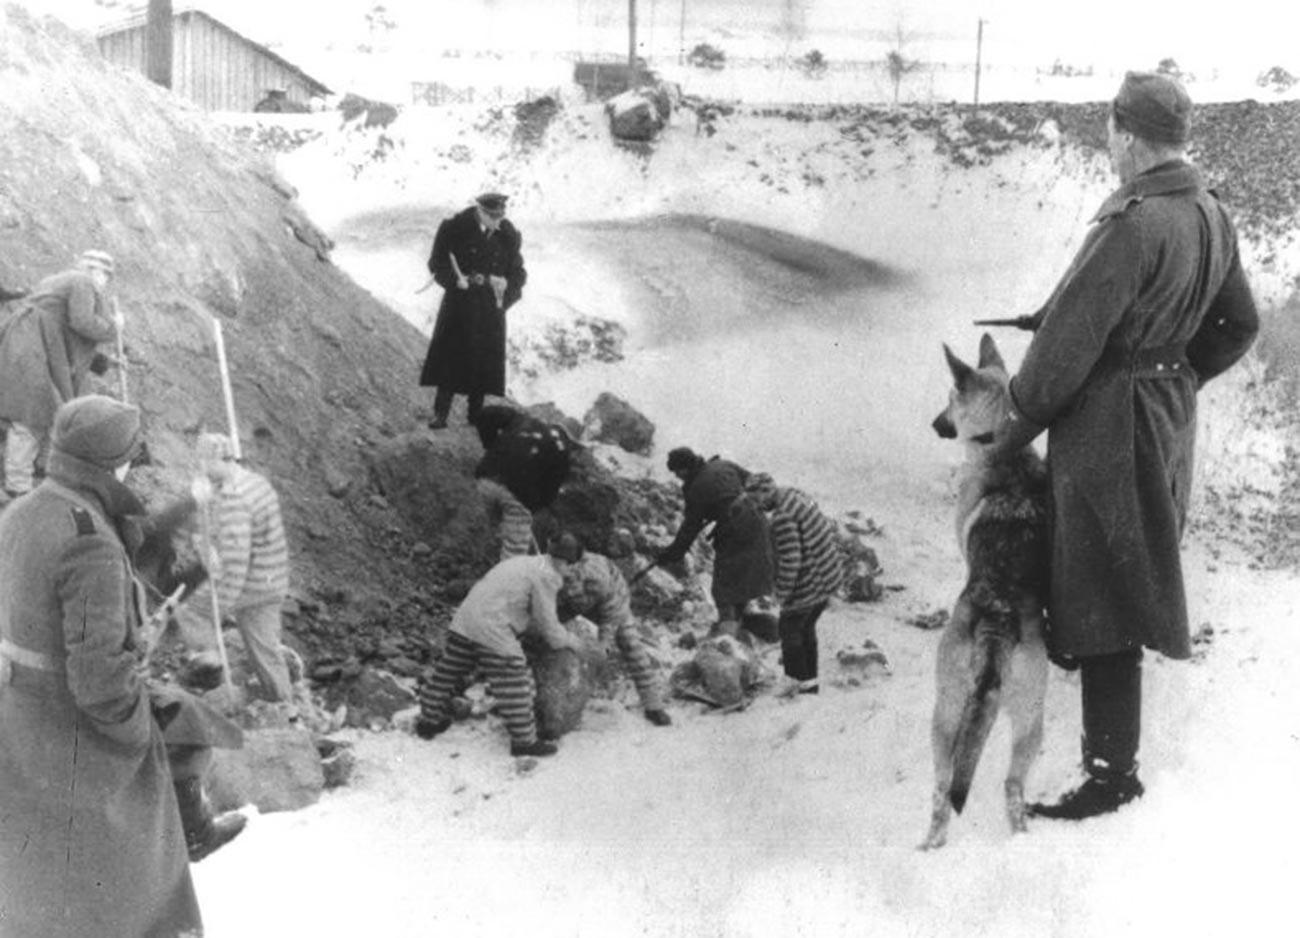 Sovjetski ratni zarobljenici